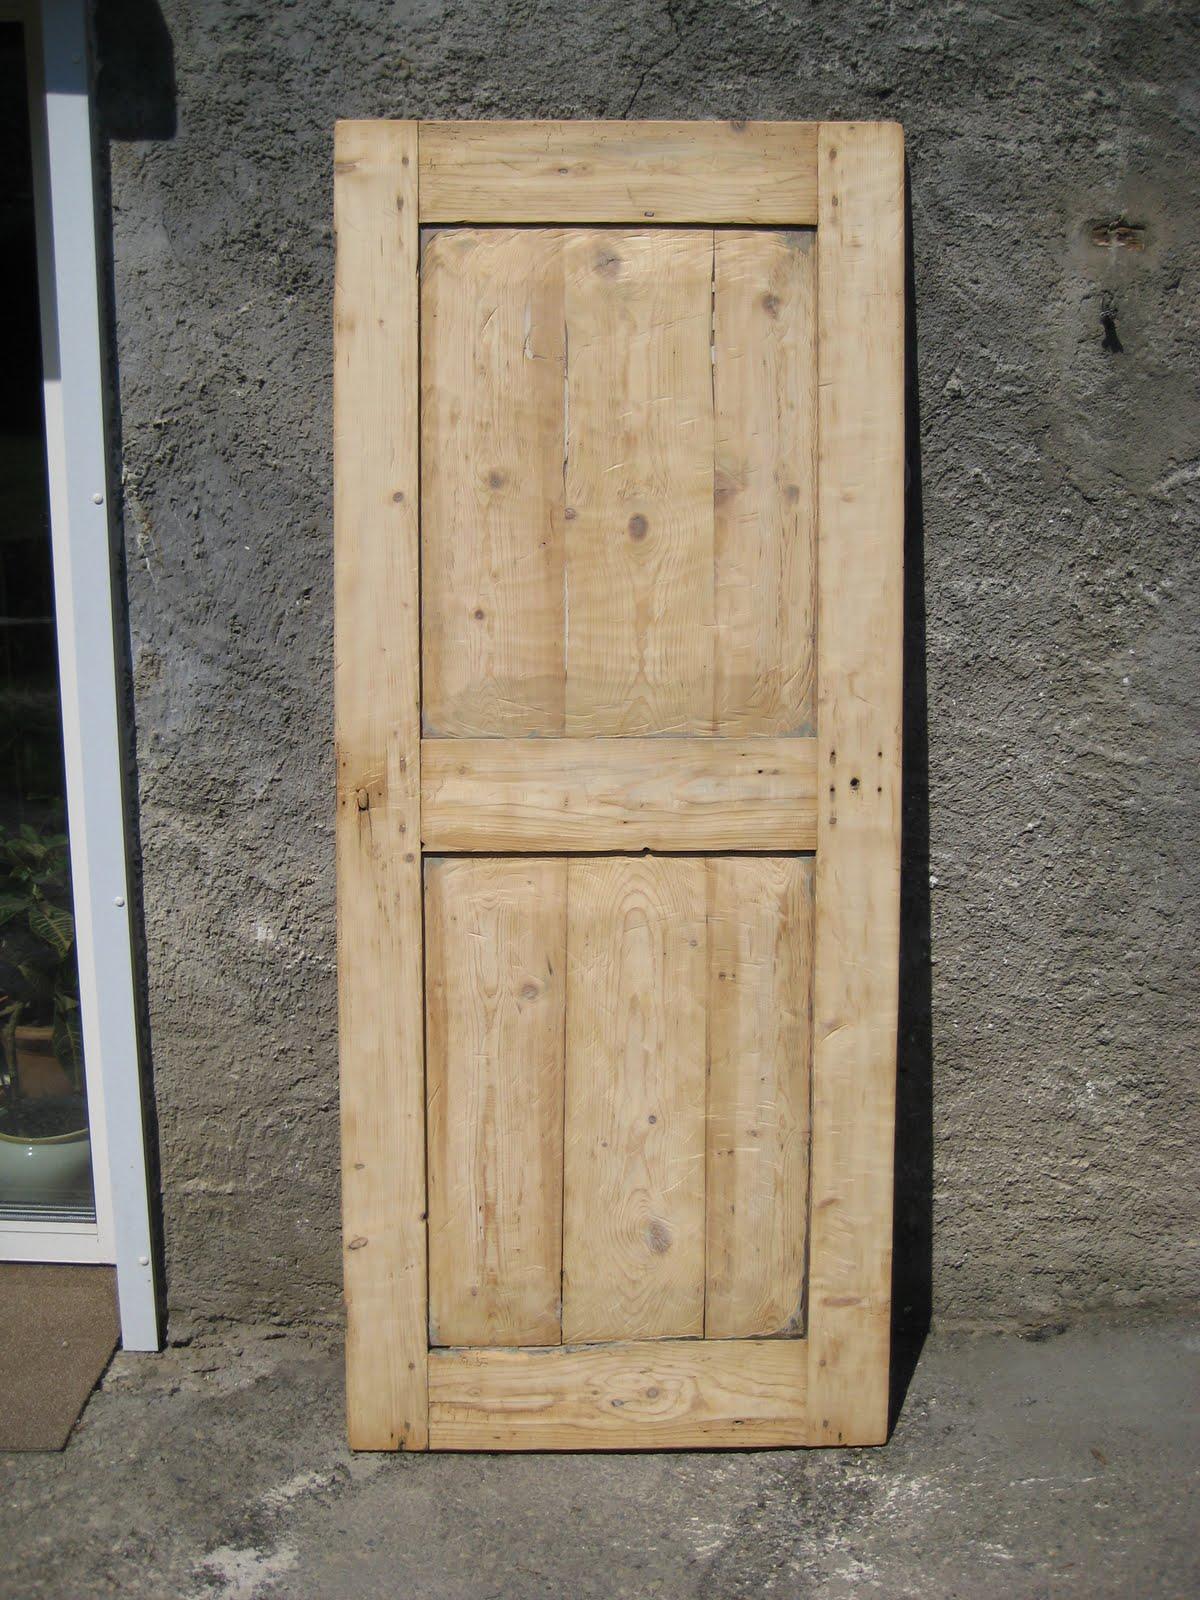 Notre petit coin de paradis la petite histoire d 39 une porte for Porte grange